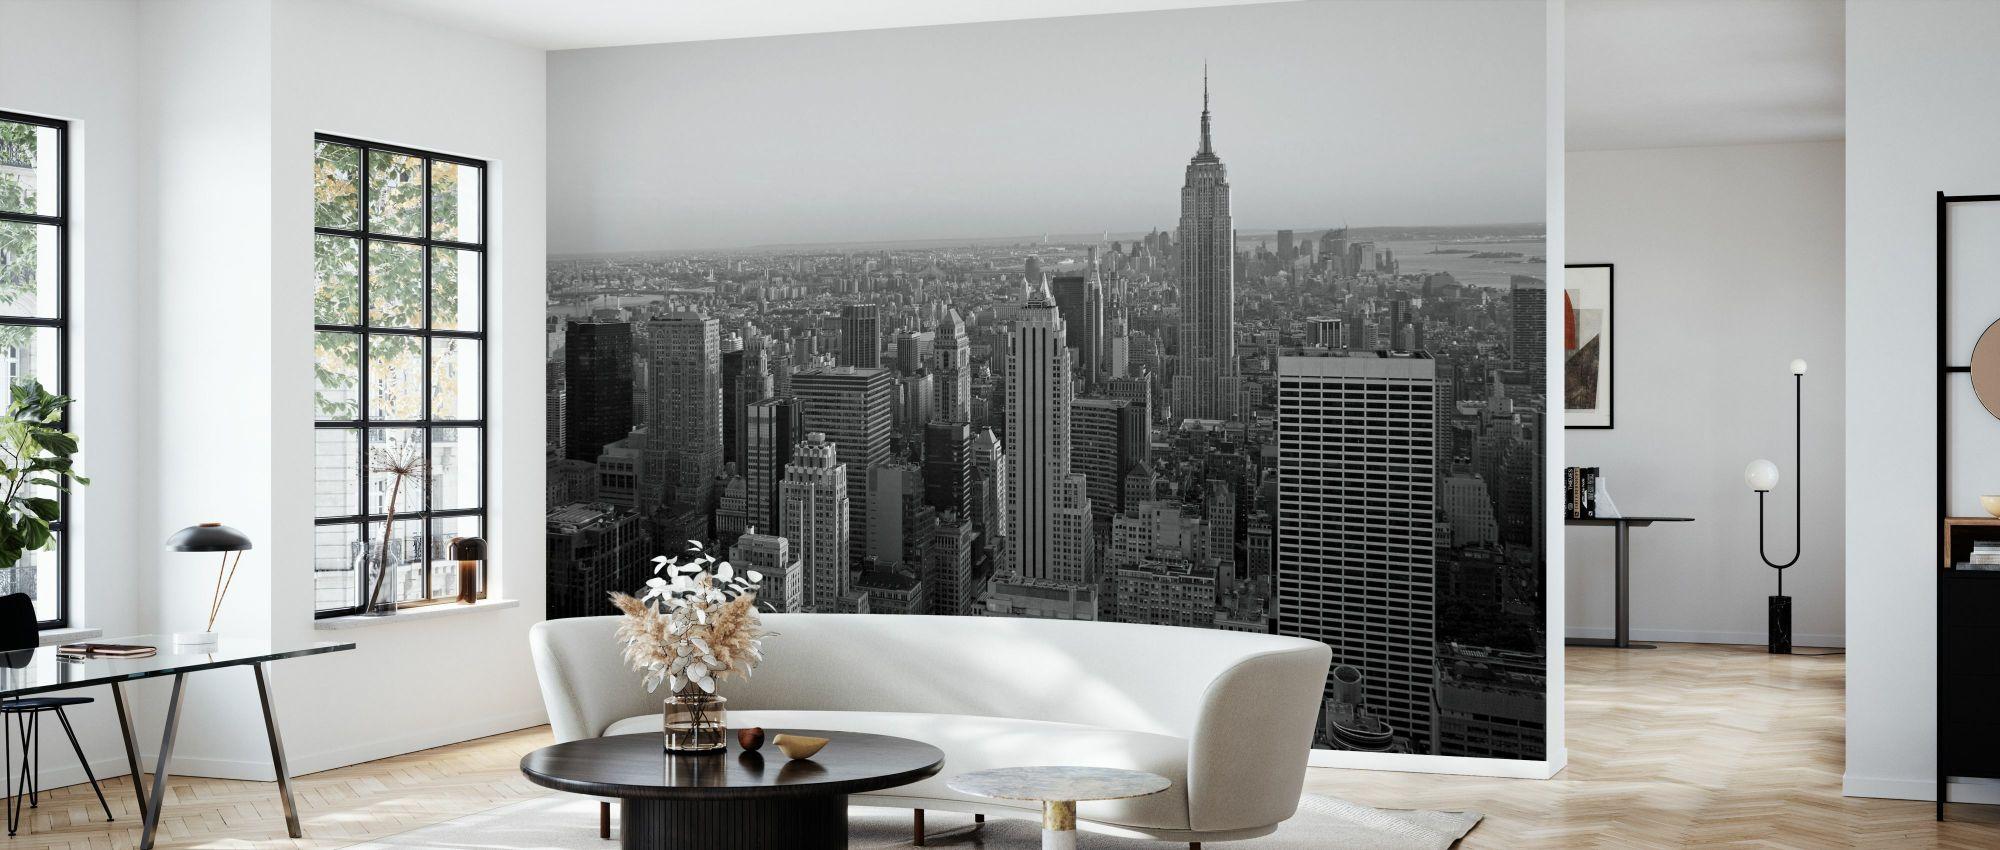 Riproduzioni d'autore e compra i migliori brand di su shopzilla New York City New York Fotomurali Top Con Consegna Gratis Photowall